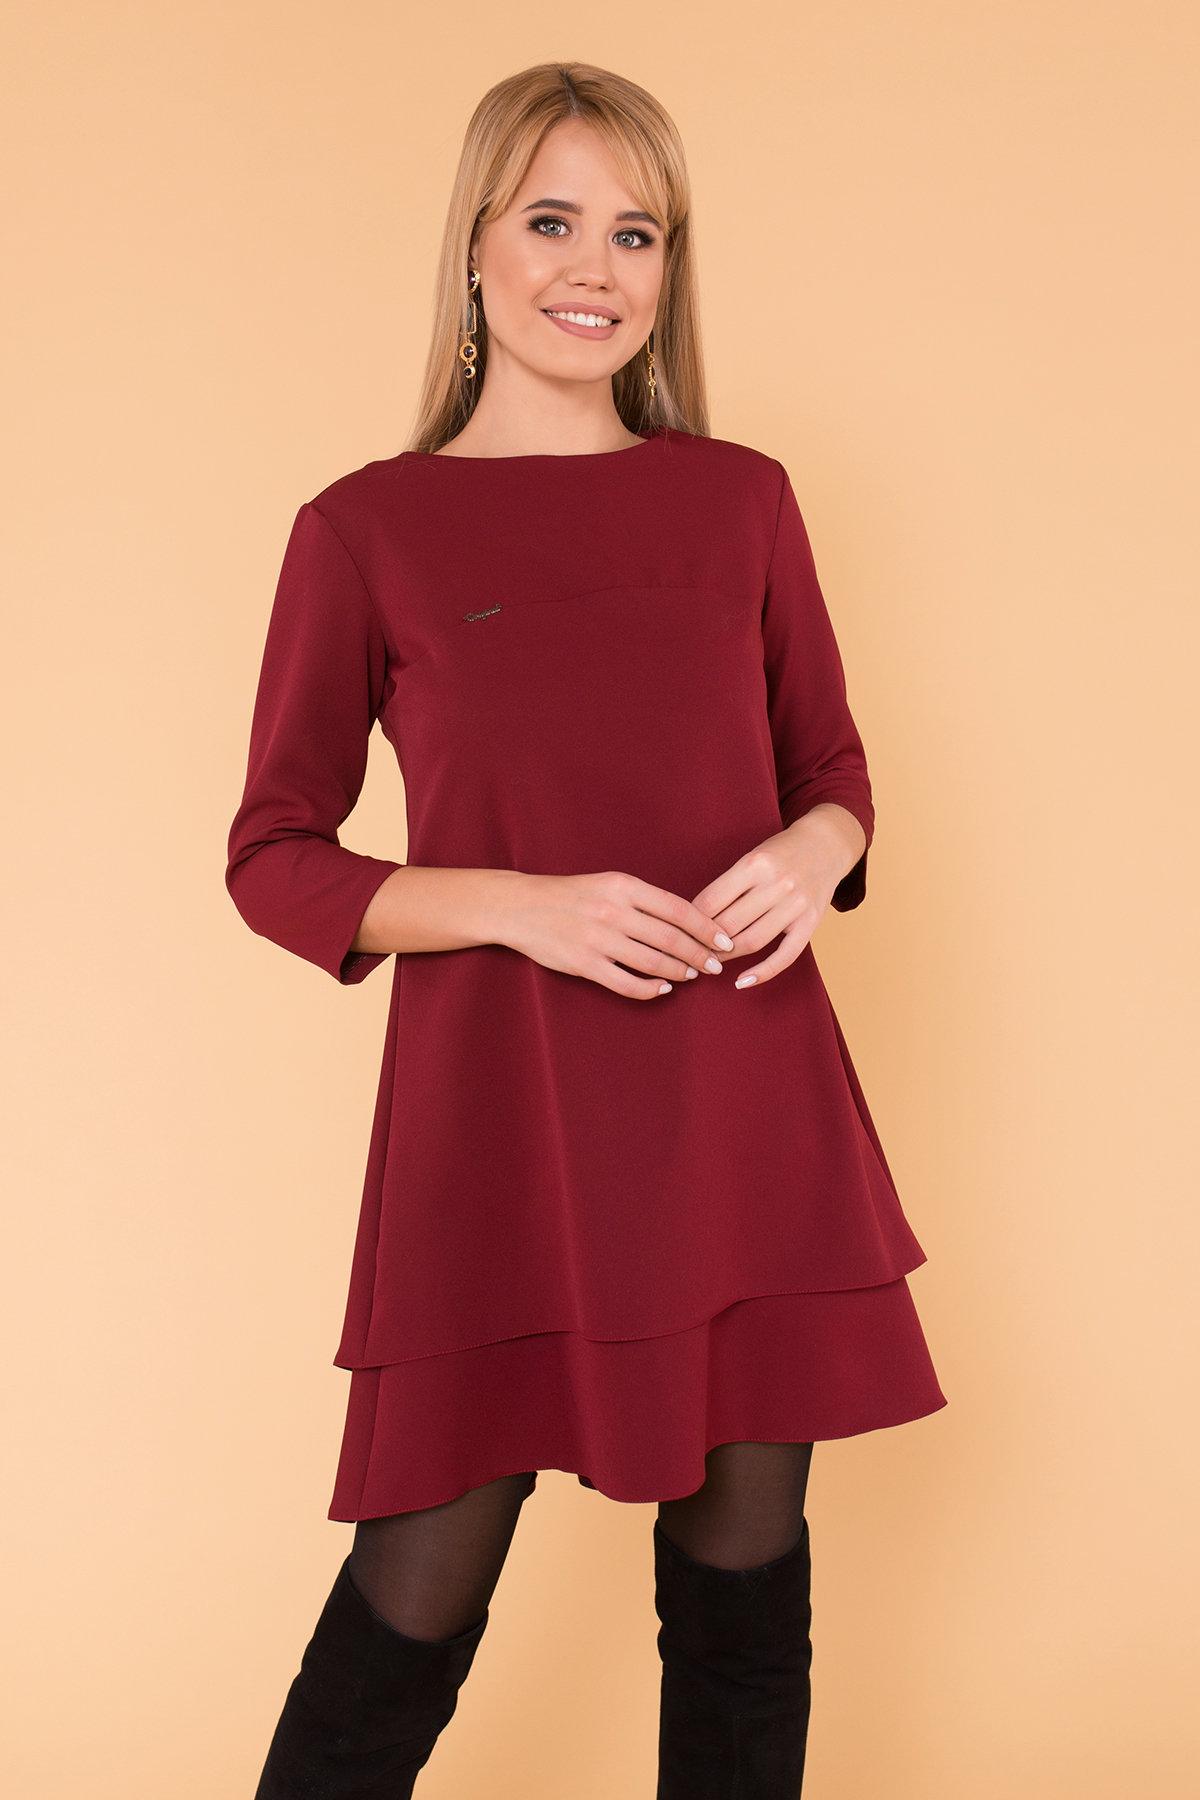 Платье Делафер 3245 АРТ. 16715 Цвет: Марсала - фото 3, интернет магазин tm-modus.ru